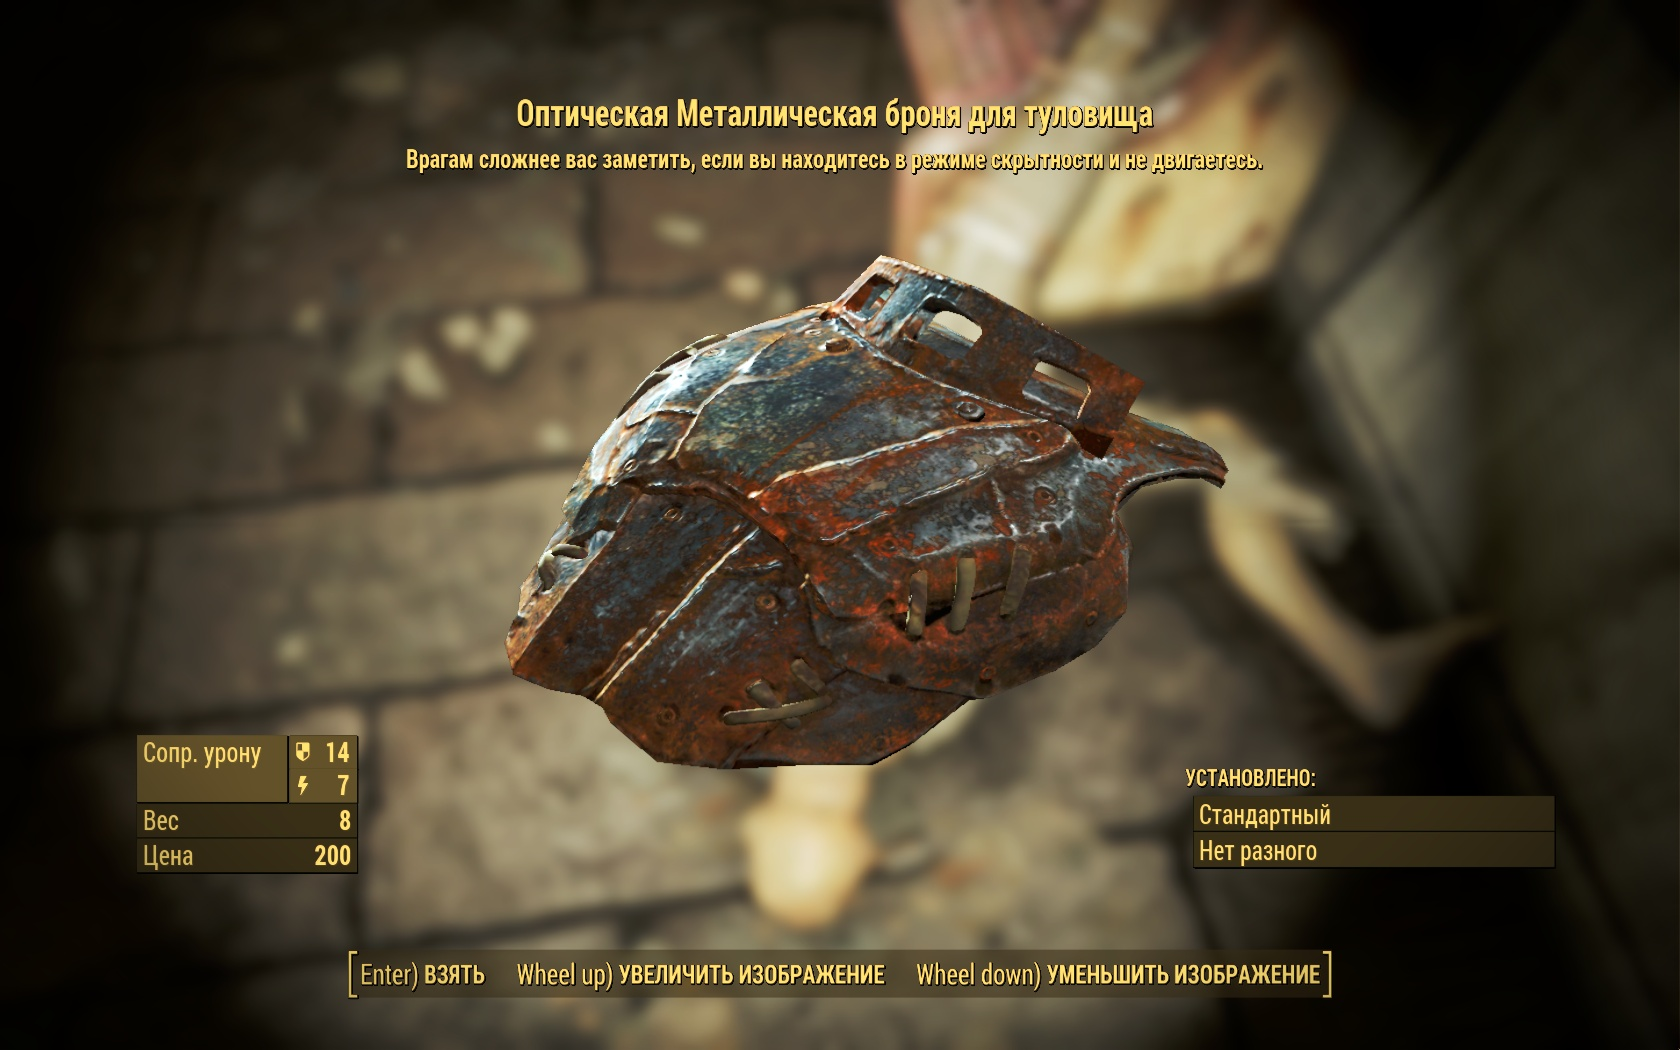 Оптическая металлическая броня для туловища - Fallout 4 броня, металлическая, Одежда, Оптическая